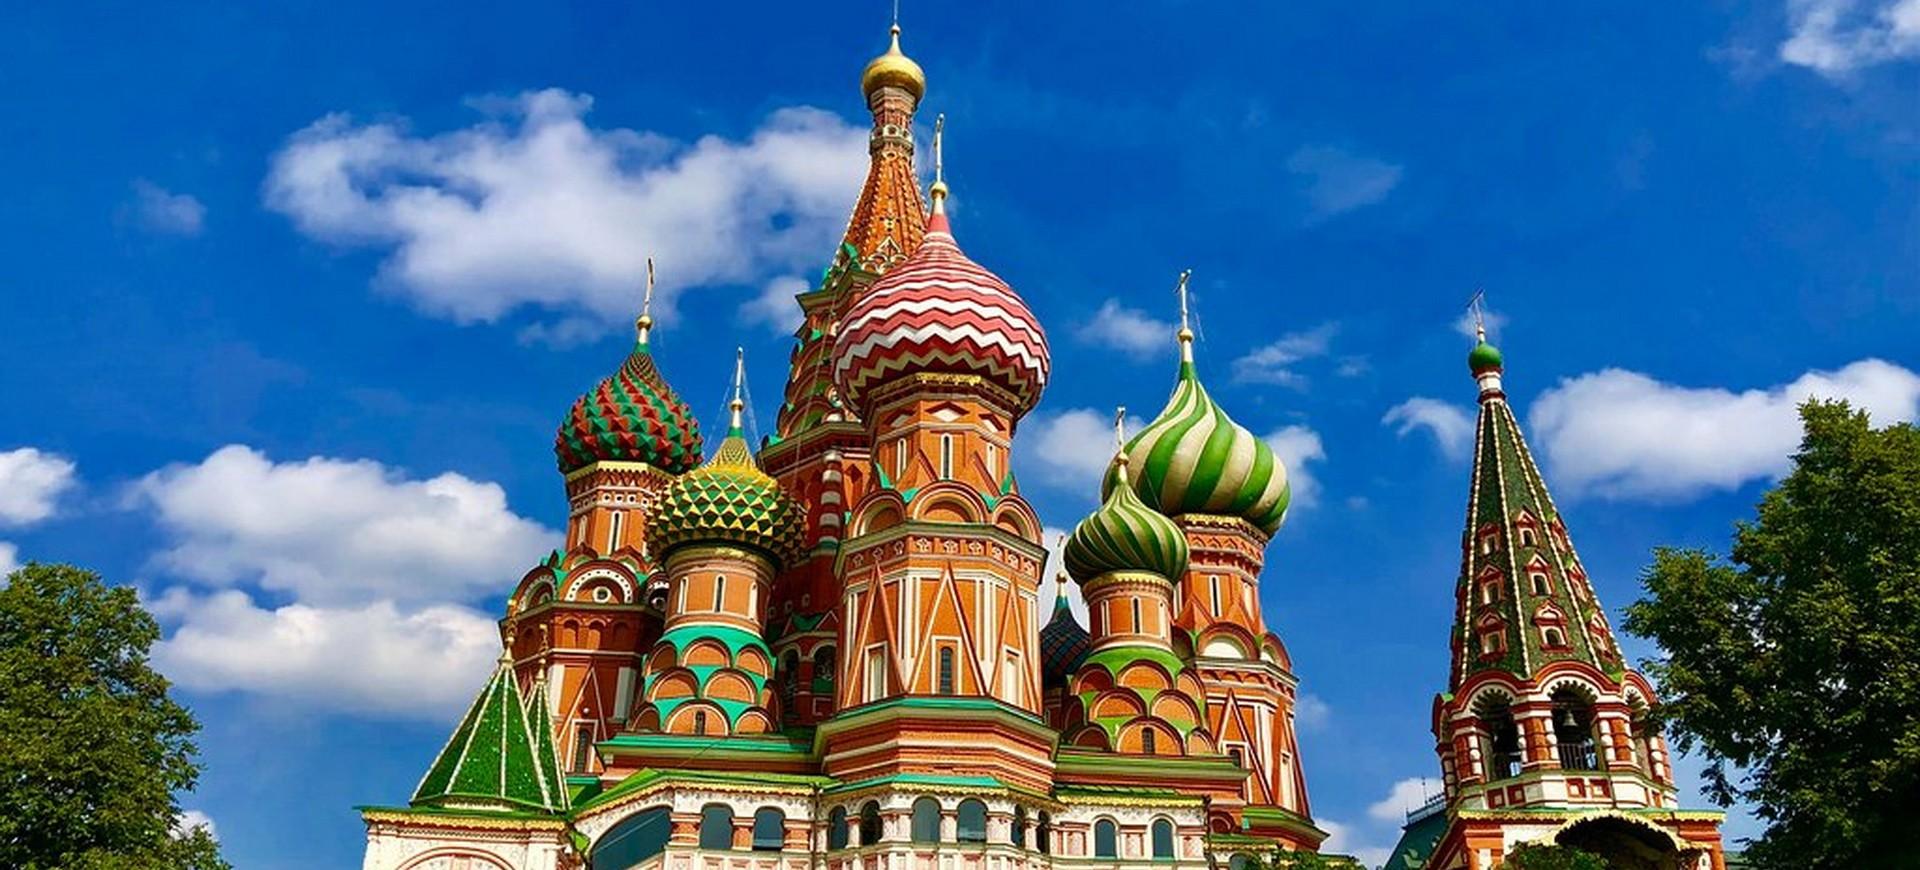 Russie Moscou Cathédrale Basile Bienheureux